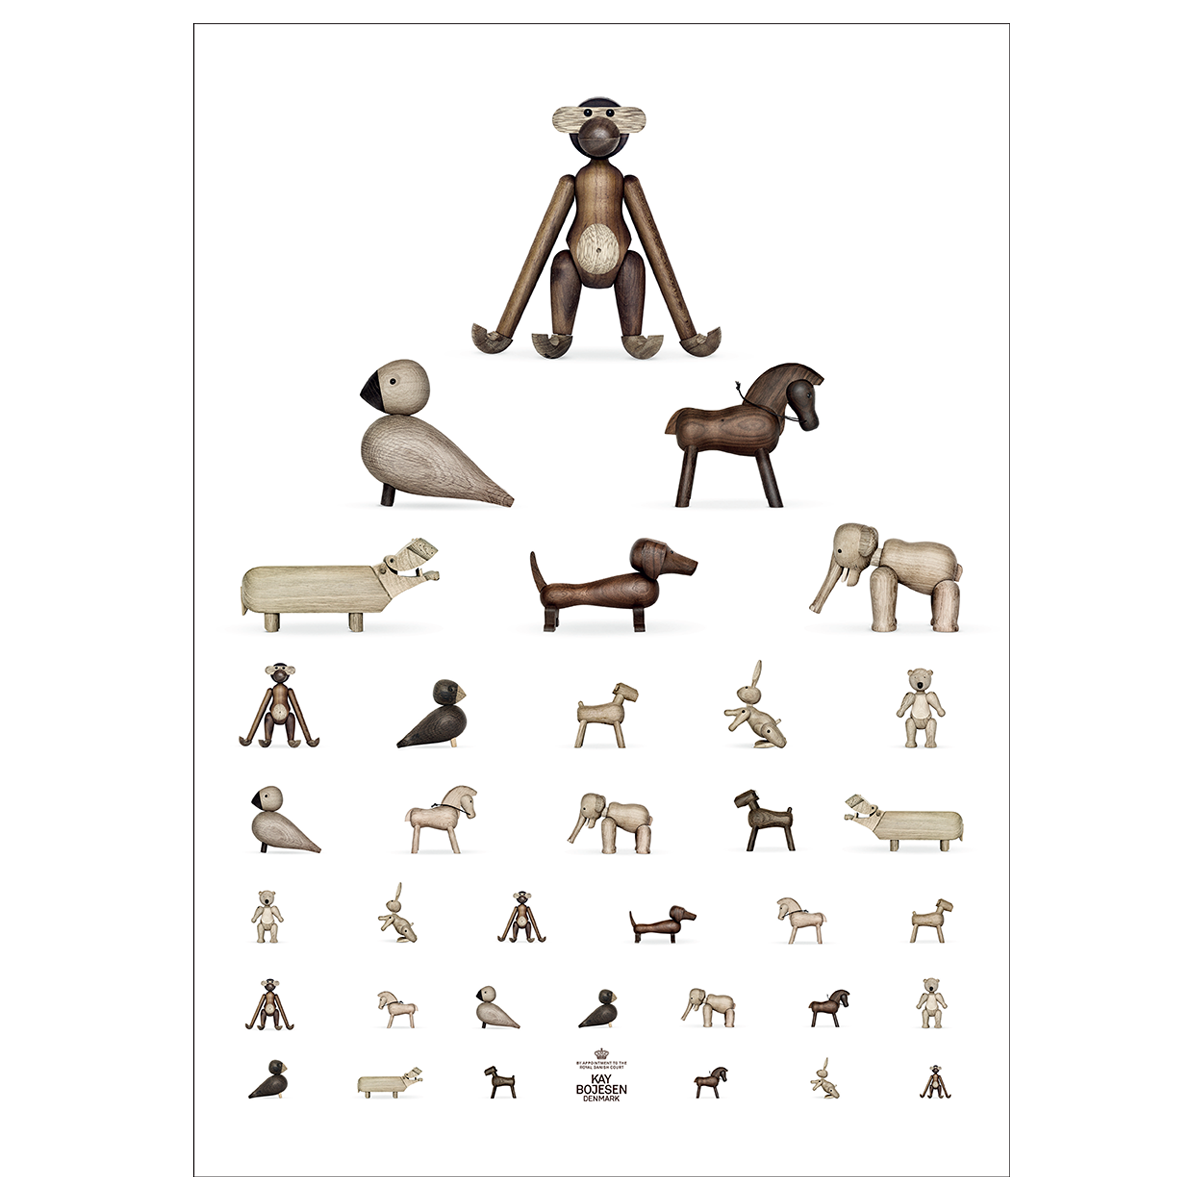 Kay Bojesen - Poster 50 x 70 cm - Brown/White (39490)